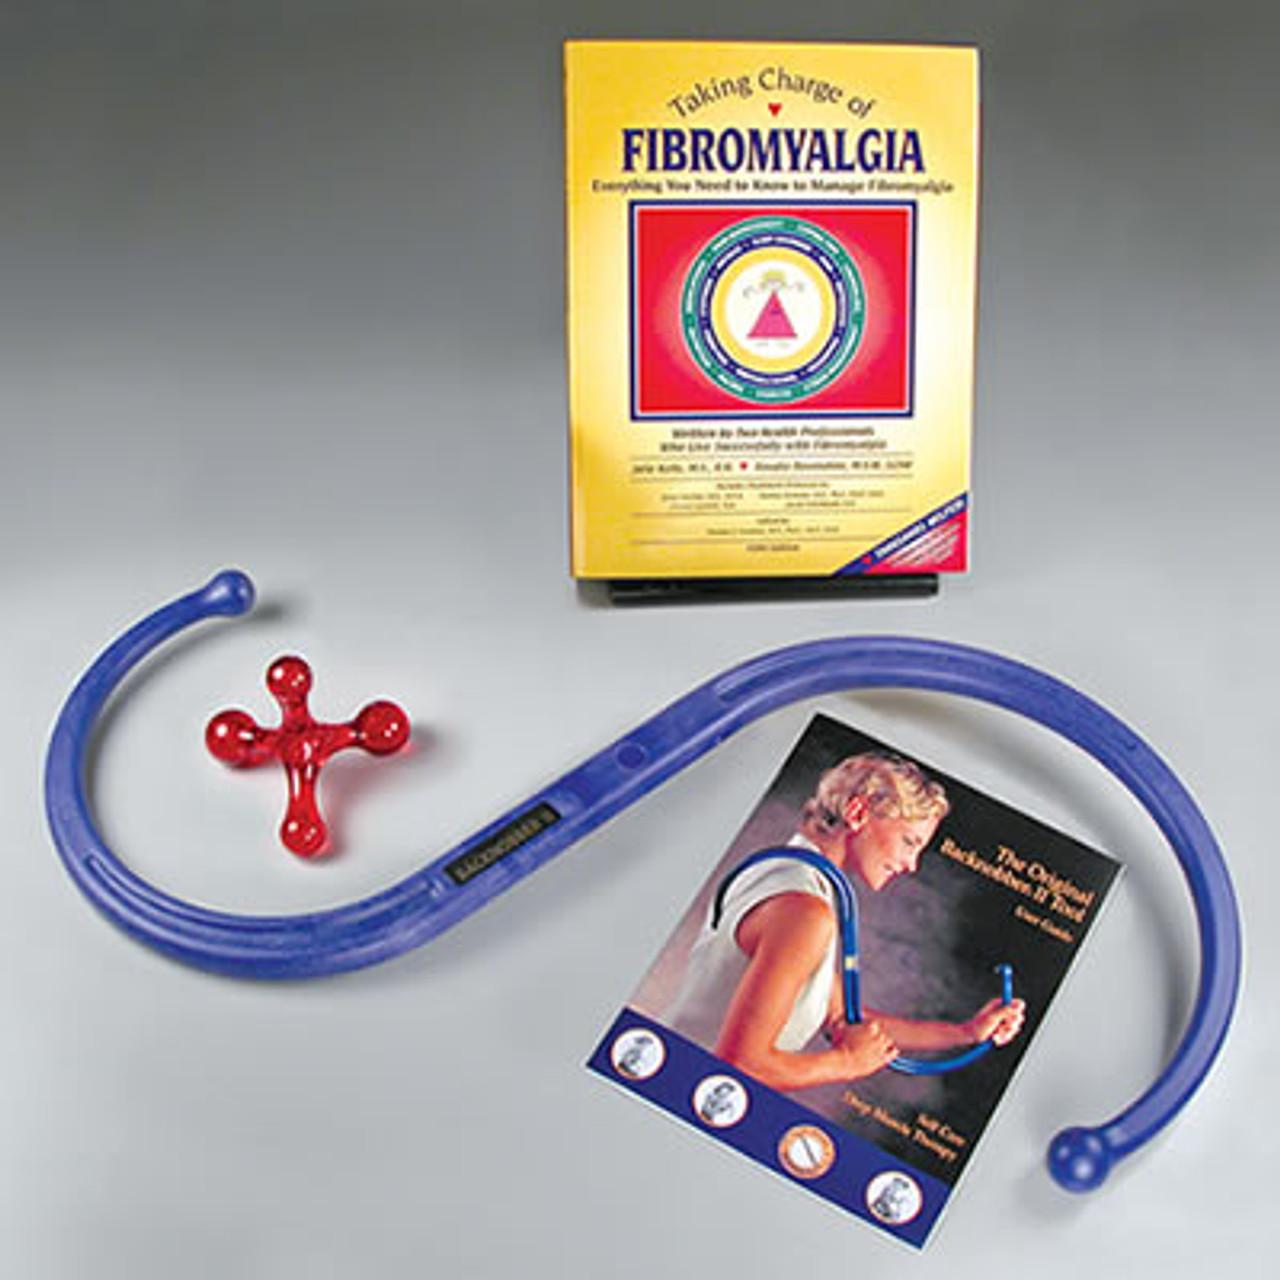 Fibromyalgia Self- Care Massage Tool Kit